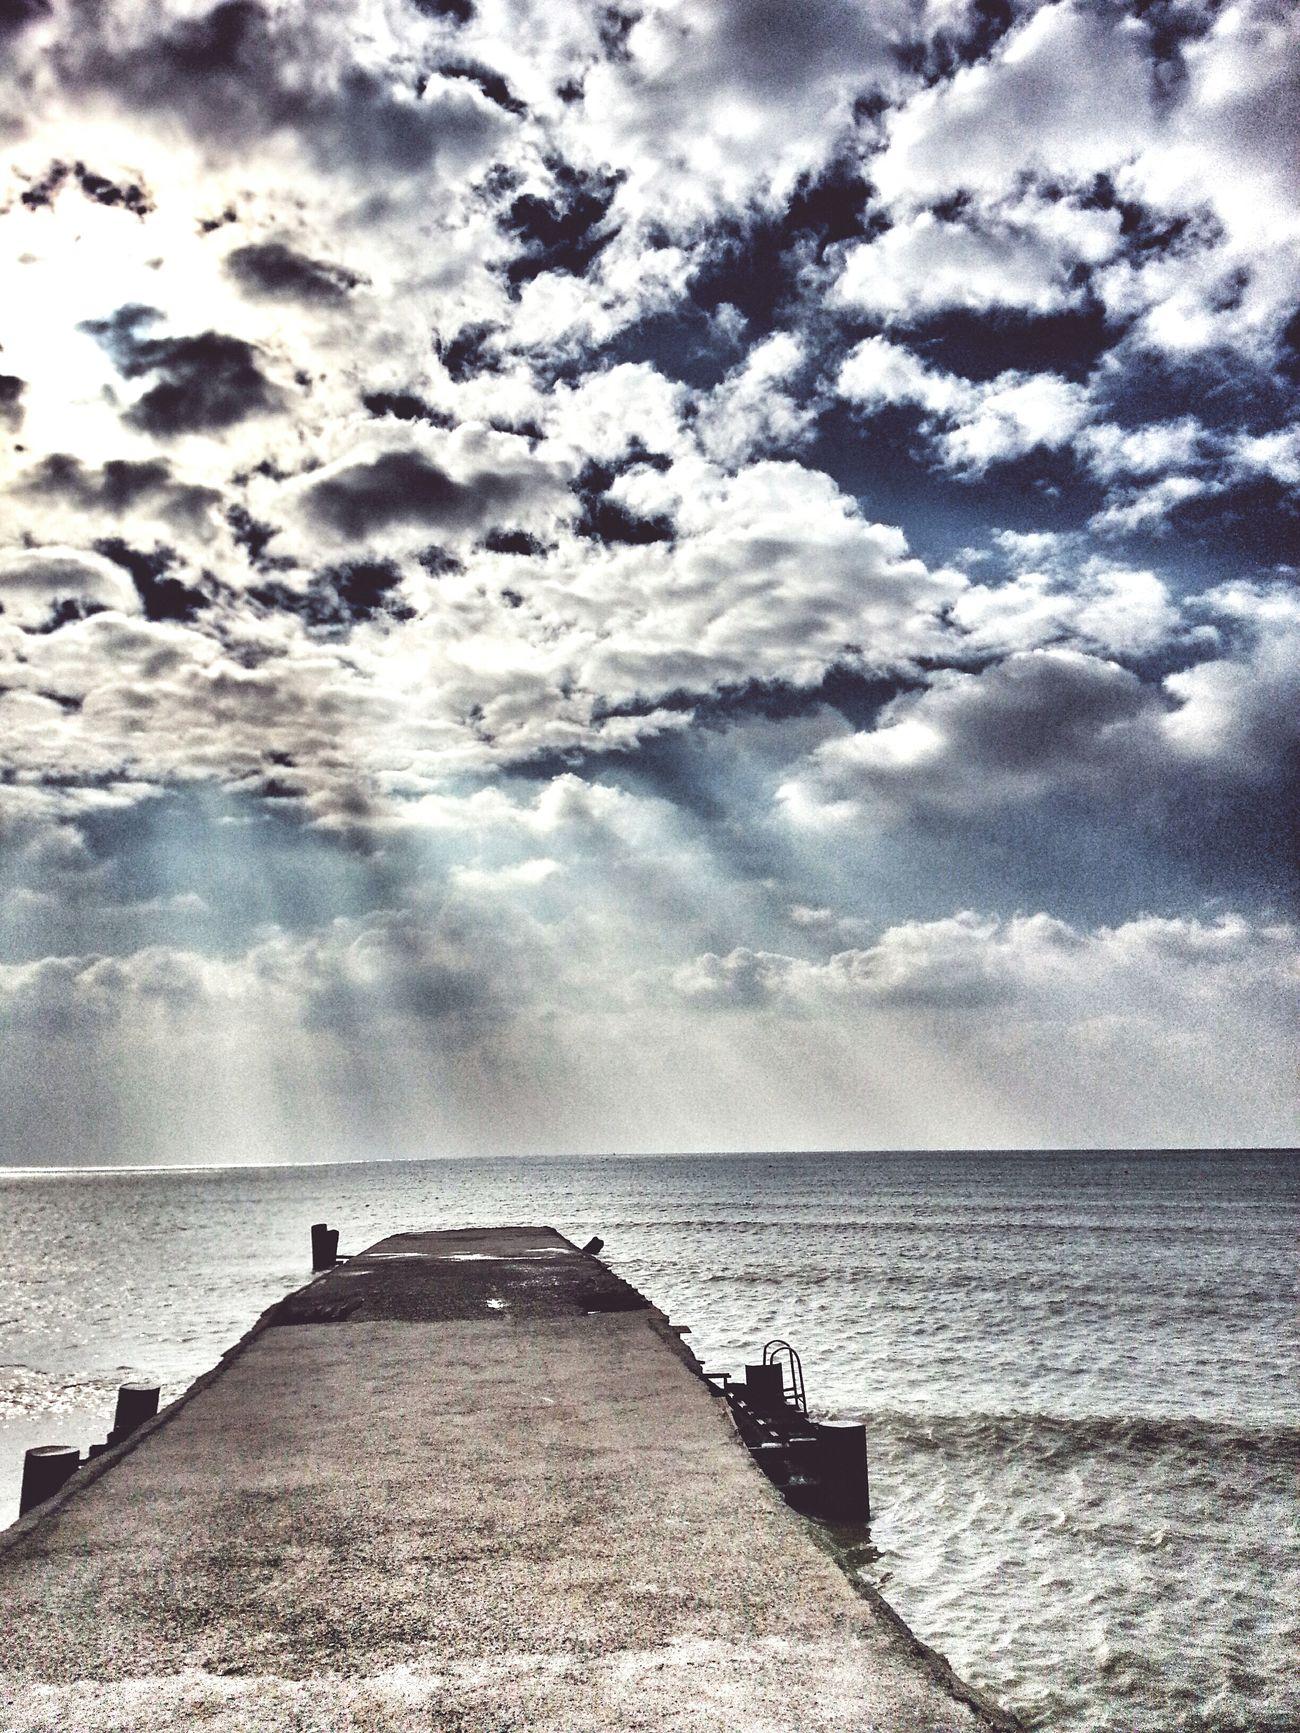 Caspian Sea Kazakhstan Aktau City Beautiful Wonderful Nature Photography Like Sunshine